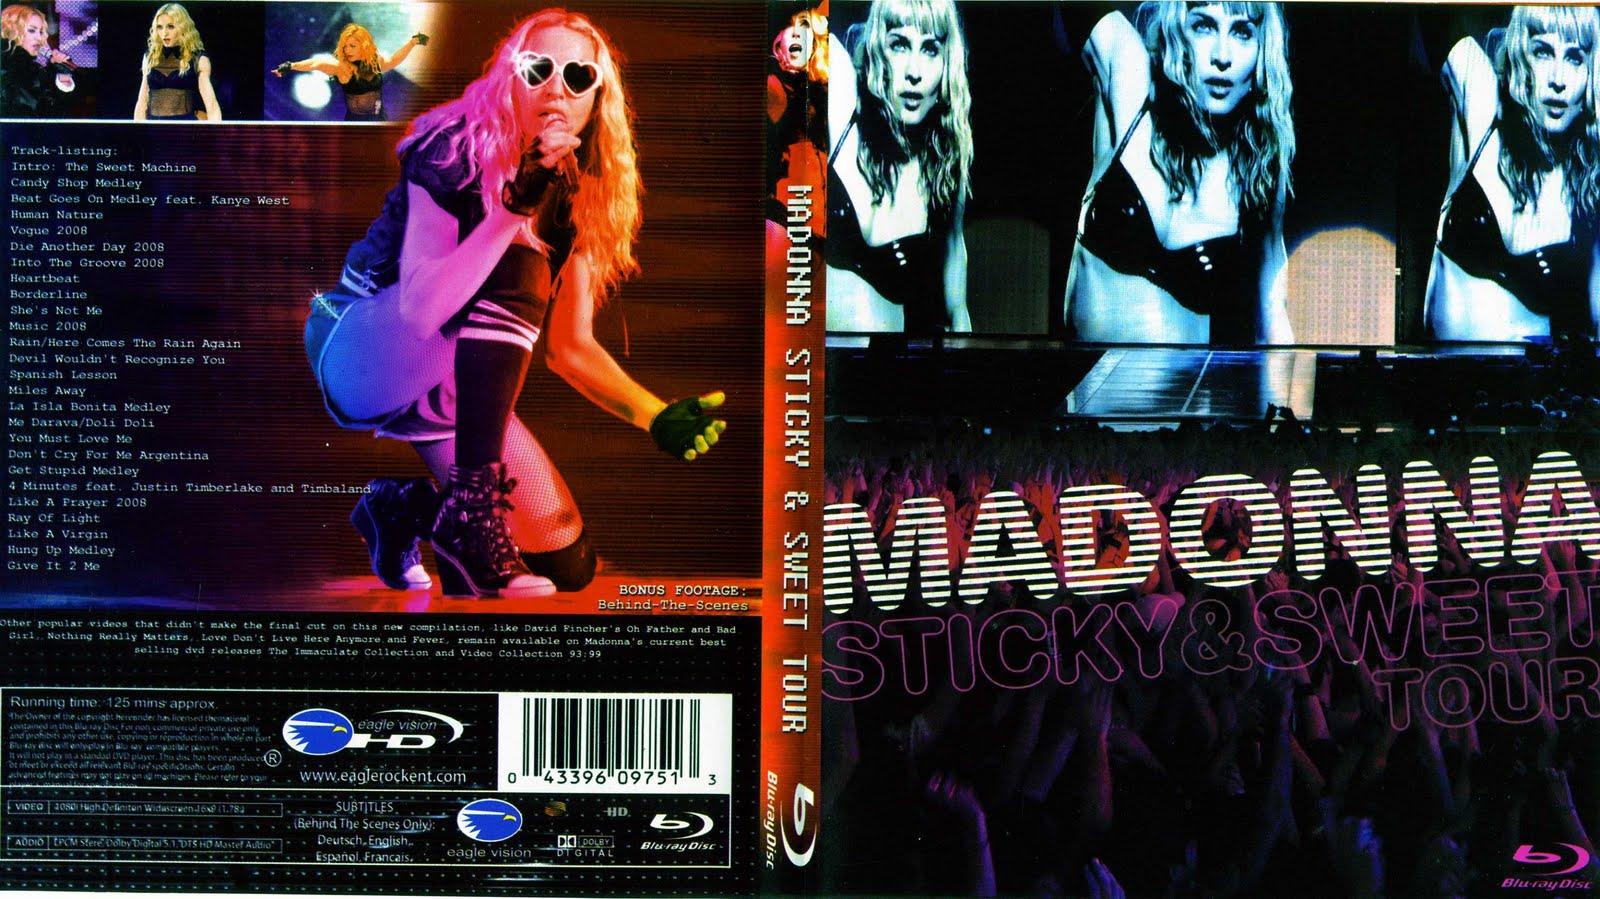 http://2.bp.blogspot.com/_hy0JBPNPpGc/TIQcZjL1XfI/AAAAAAAACYE/Ta2dHTH3mbs/s1600/Madonna_sticky_001.jpg